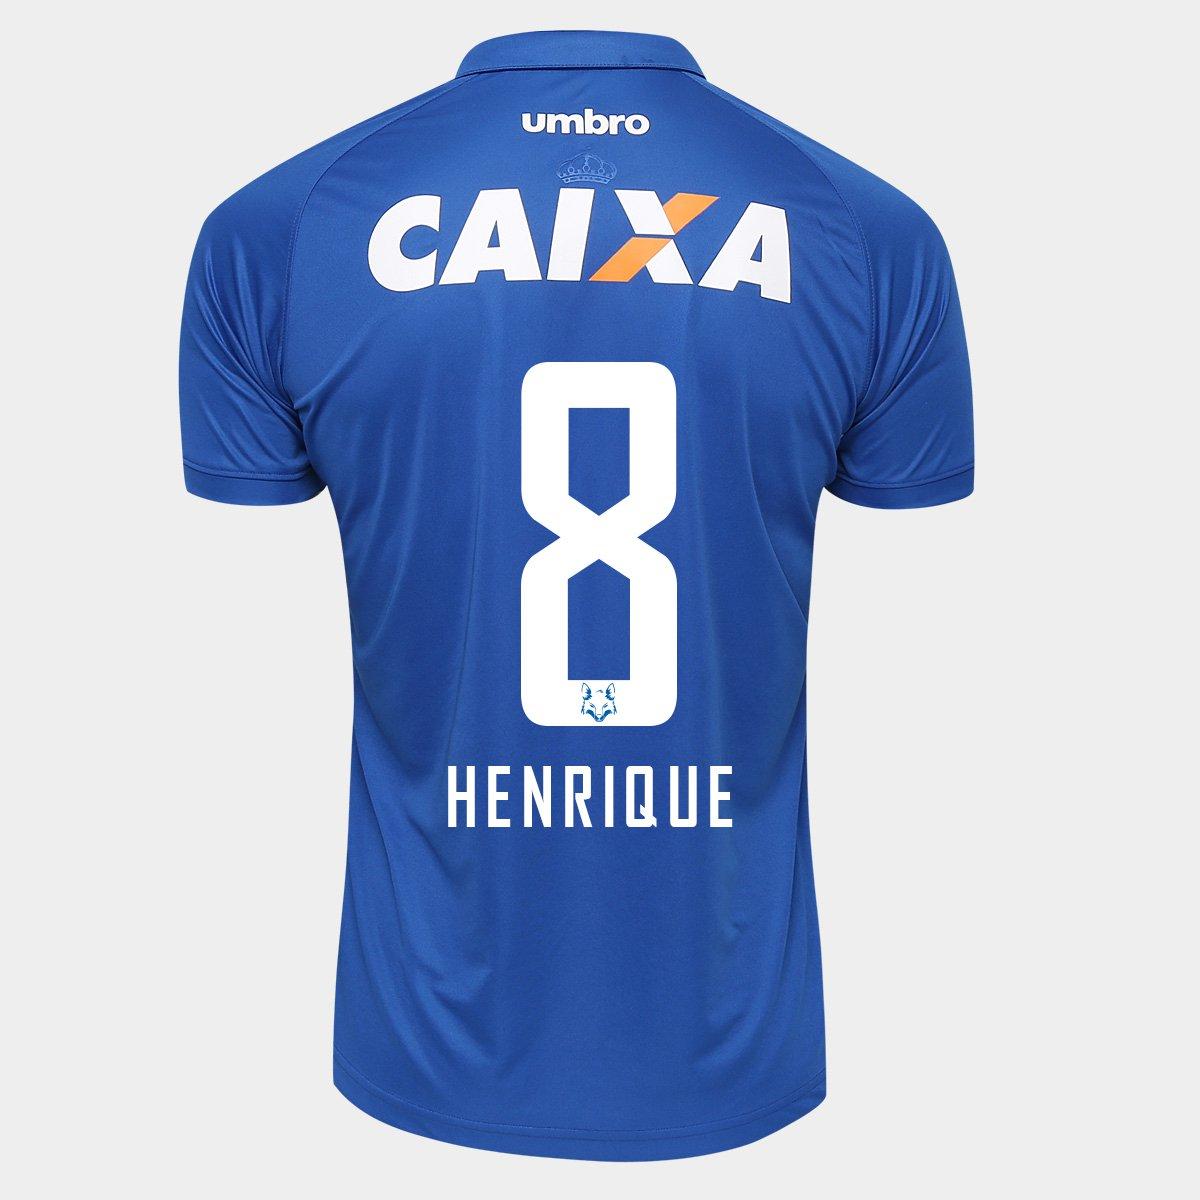 Camisa Umbro Cruzeiro I 2016 nº 8 - Henrique - Compre Agora  4496d3a2162df